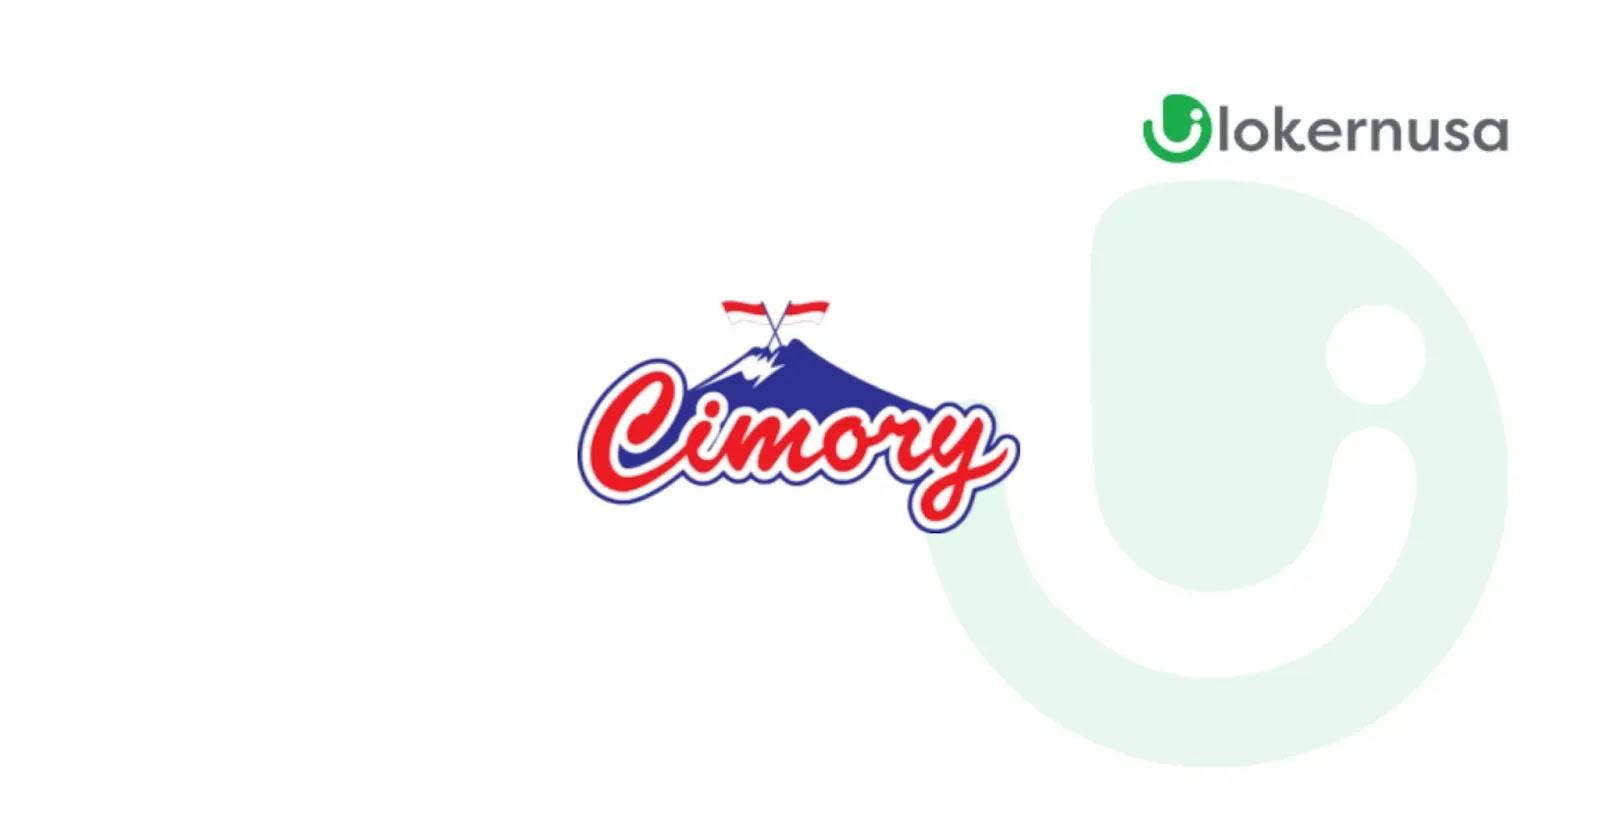 Lowongan Kerja Kalimantan Cimory Group